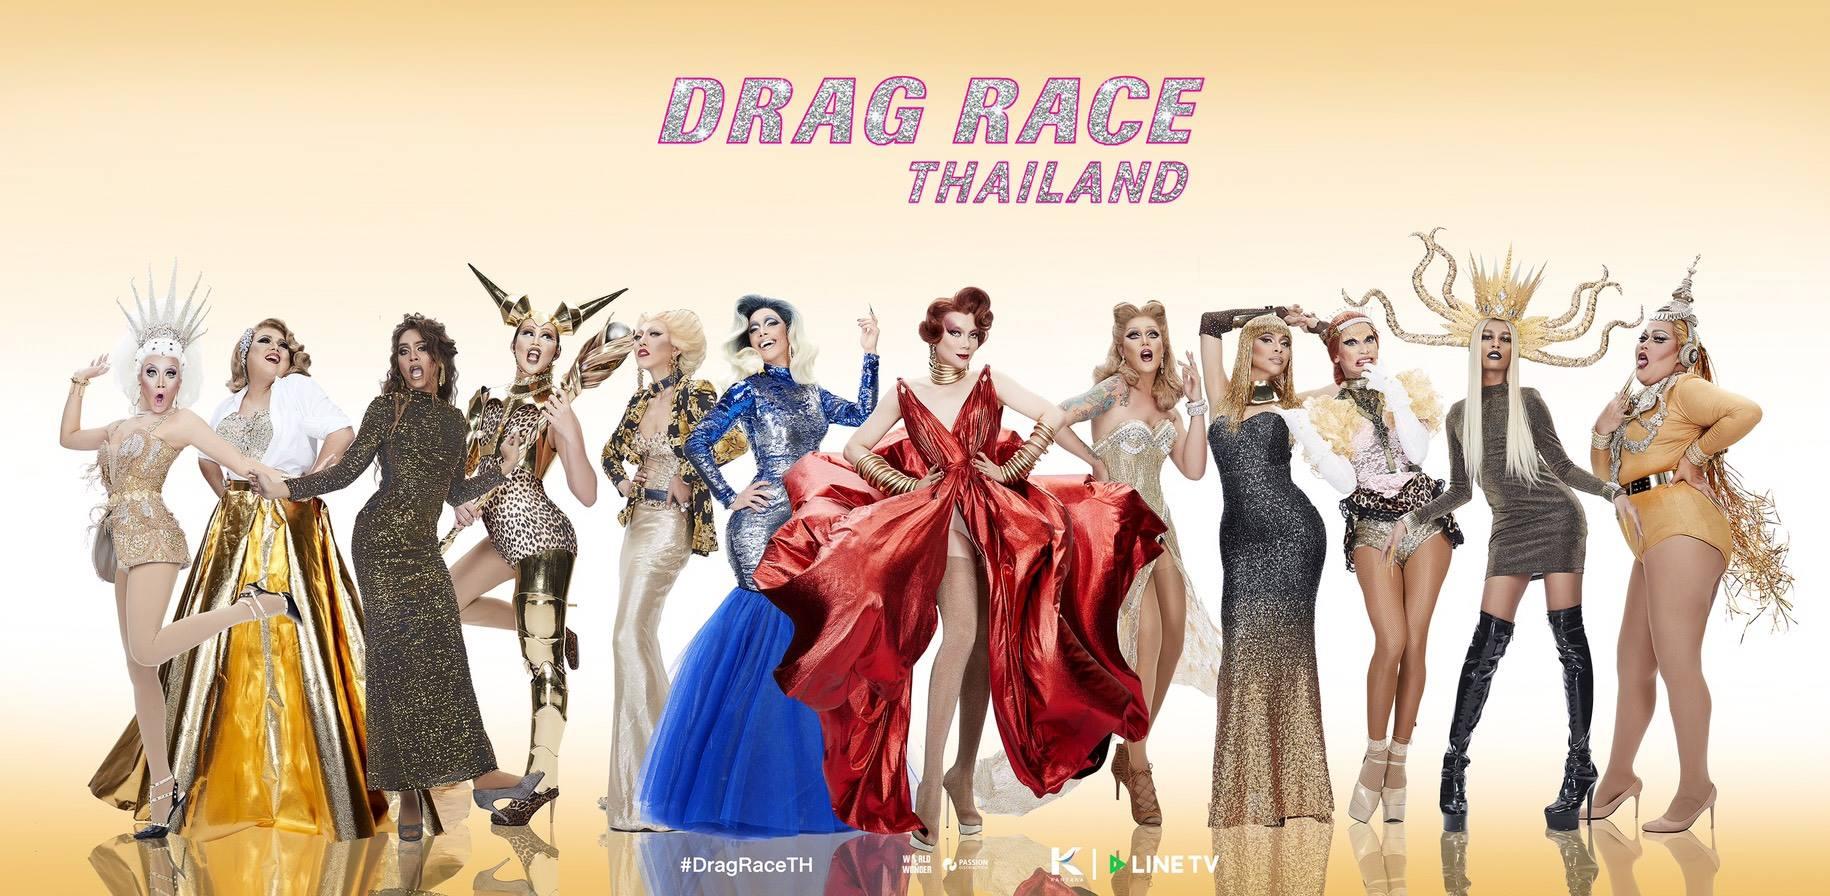 rupaul's drag race thailand cast teaser